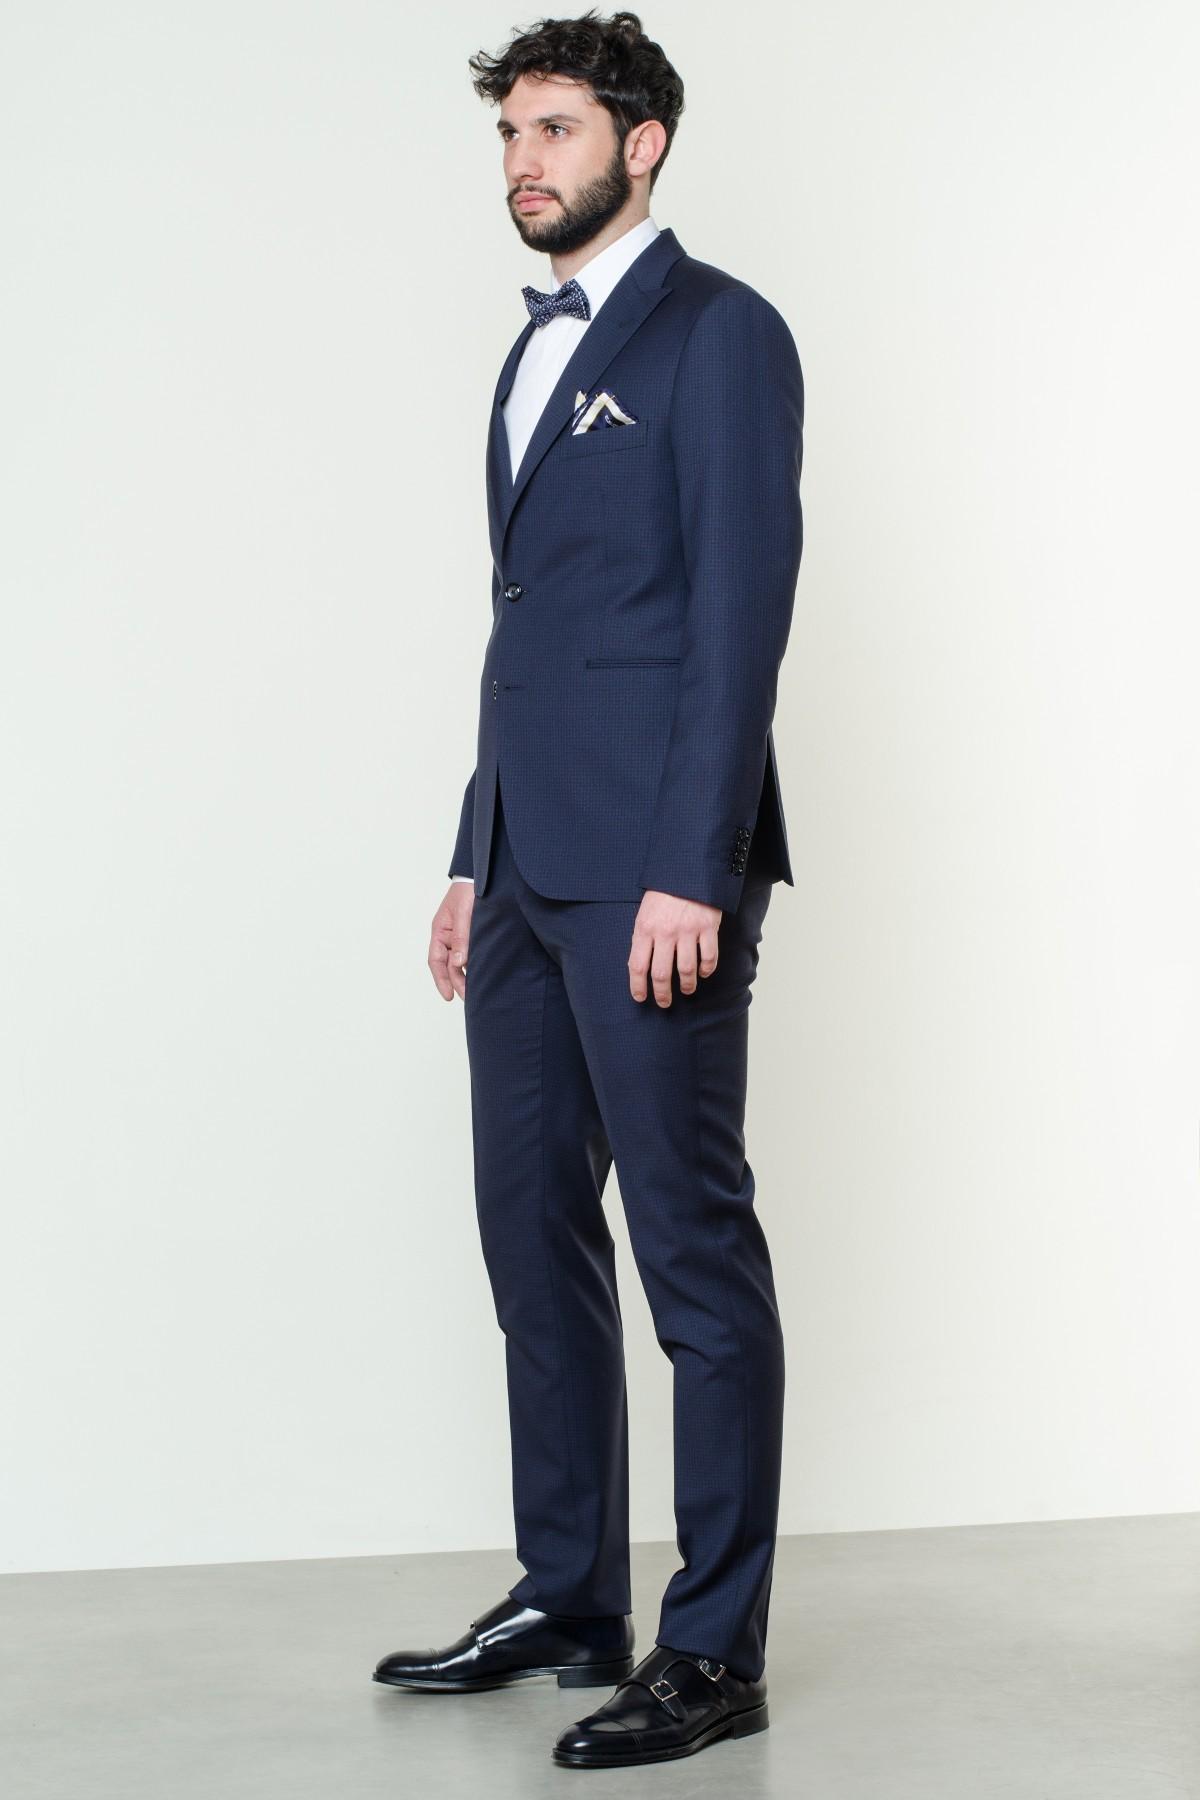 L'ABITO È sicuramente il capo di abbigliamento più elegante per un uomo, a patto che si sappia abbinarlo all'occasione o all'evento per cui si è chiamati a indossarlo.